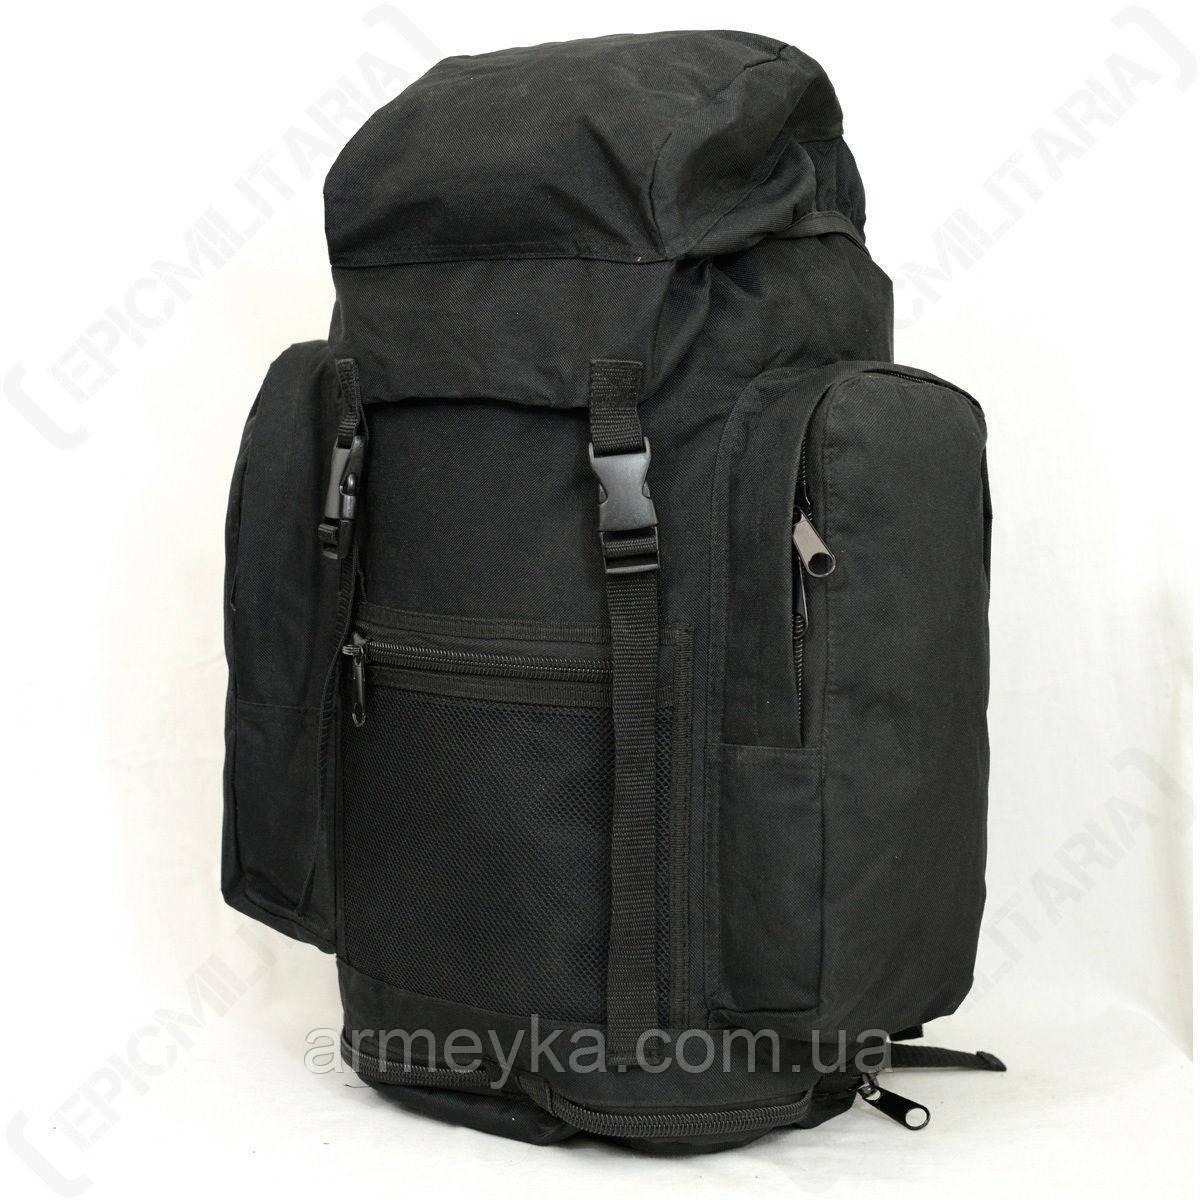 Рюкзак тактический 30L, SR97 MK2 black. ВС Великобритании, оригинал. НОВЫЙ